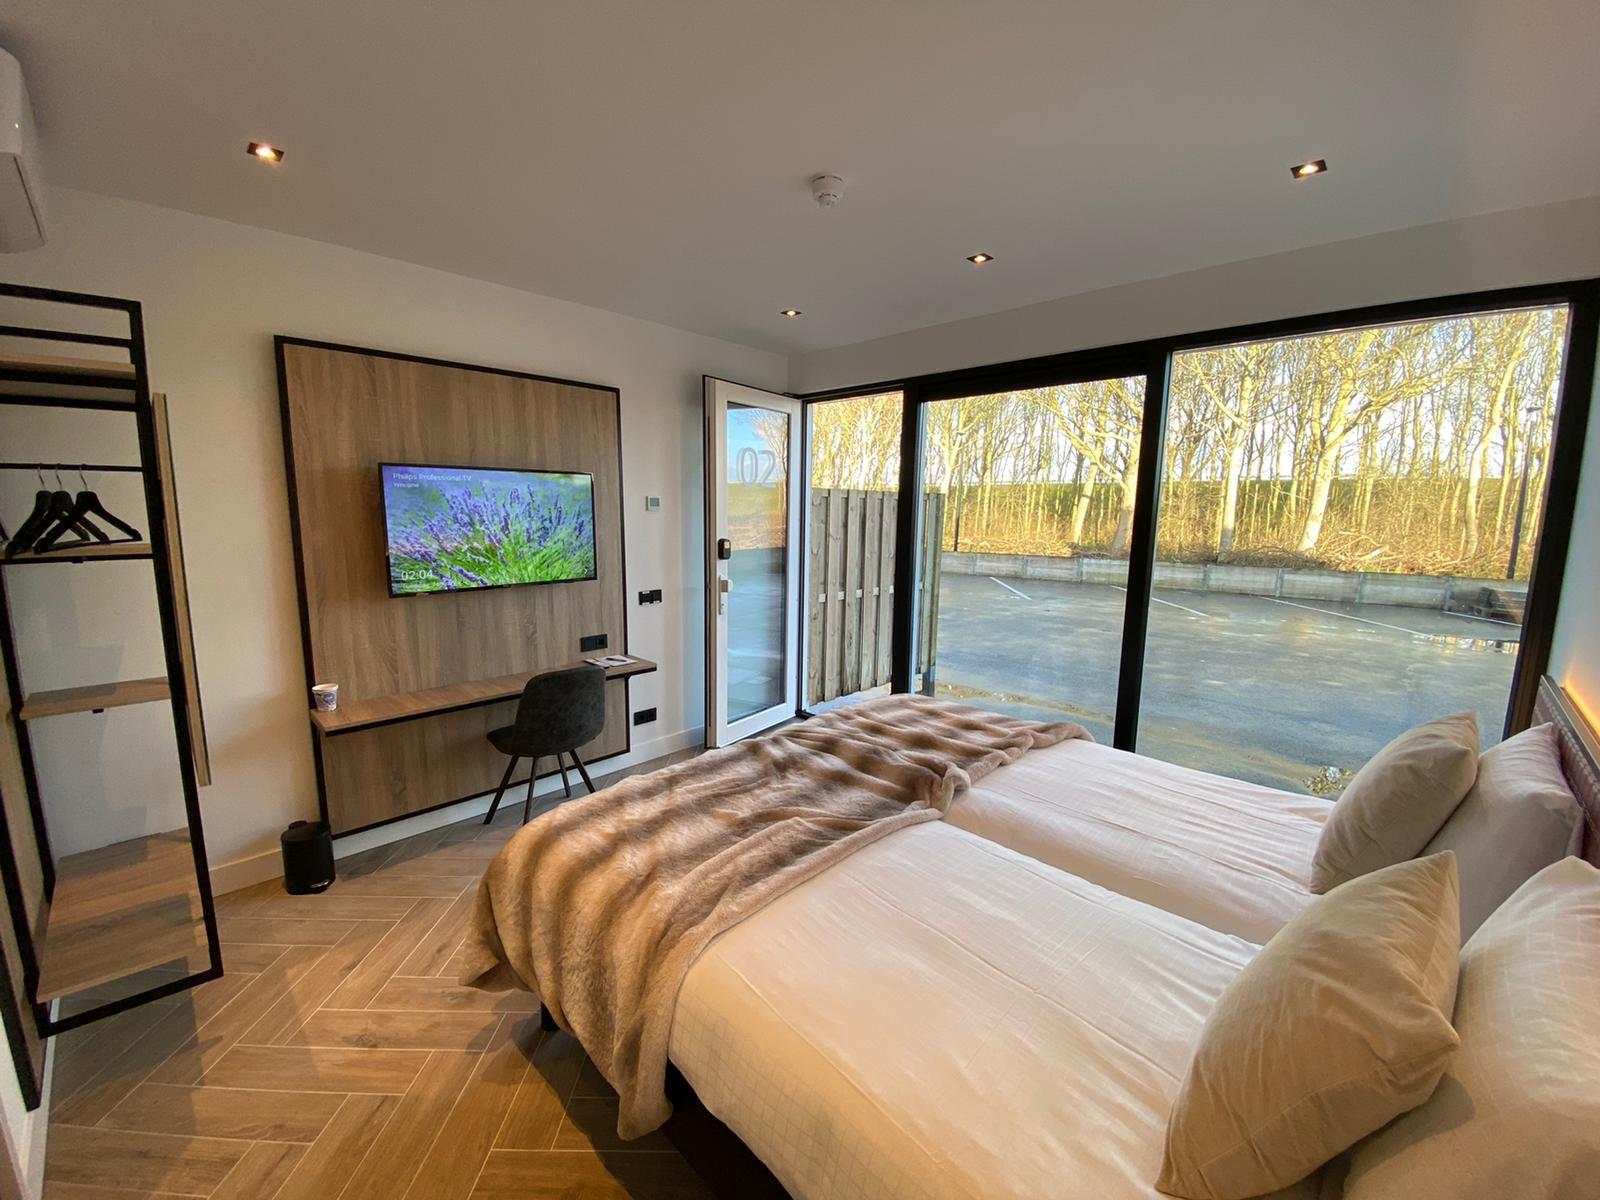 2021 | Hotelkamers Hajé Afsluitdijk Zurich